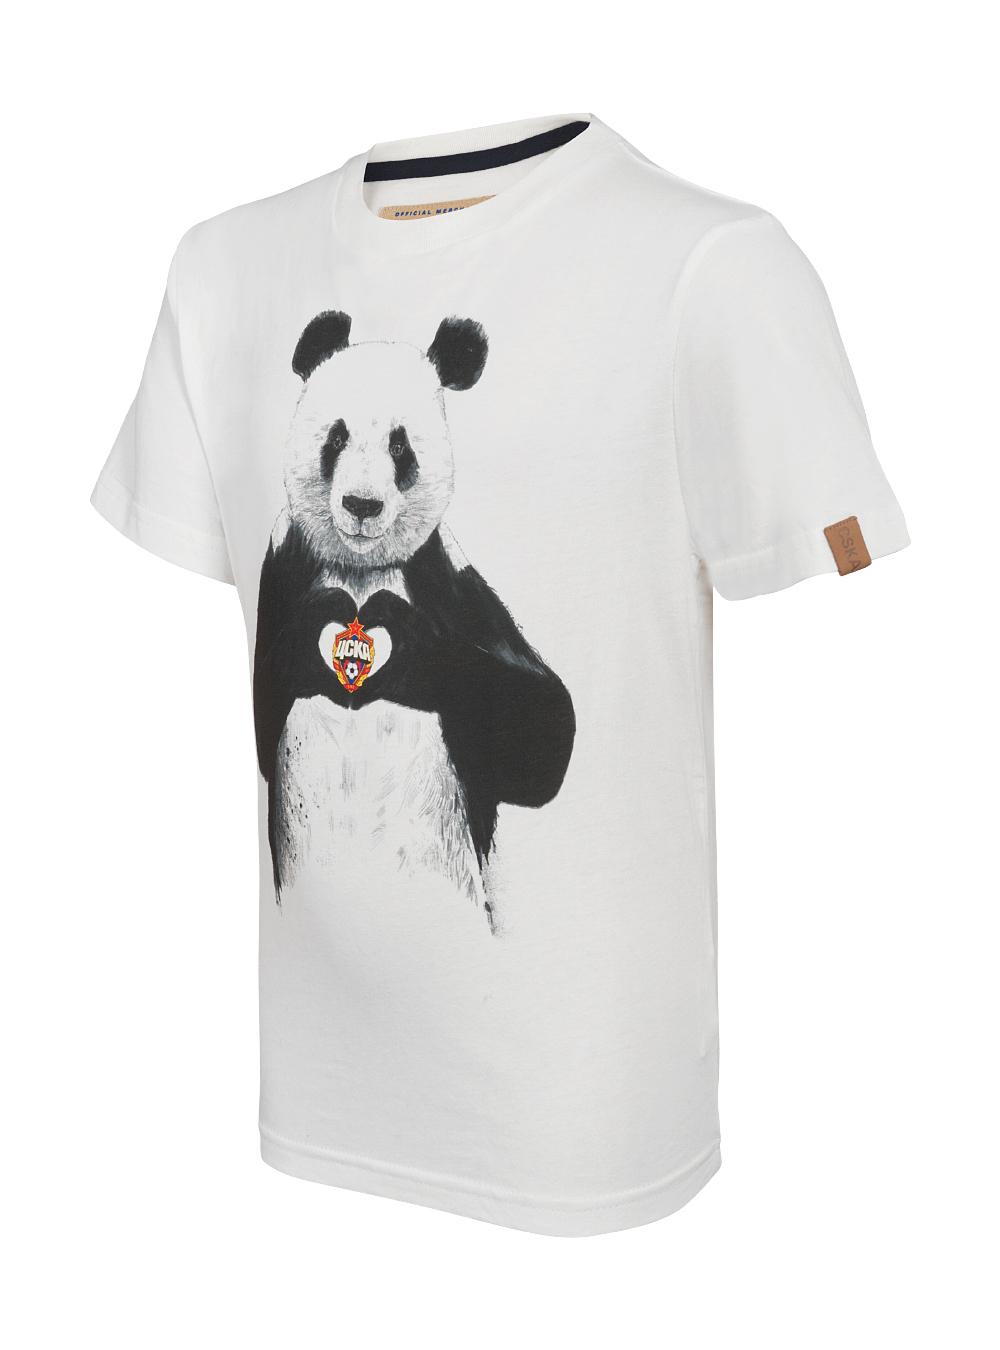 Купить Футболка детская «Панда» (116) по Нижнему Новгороду